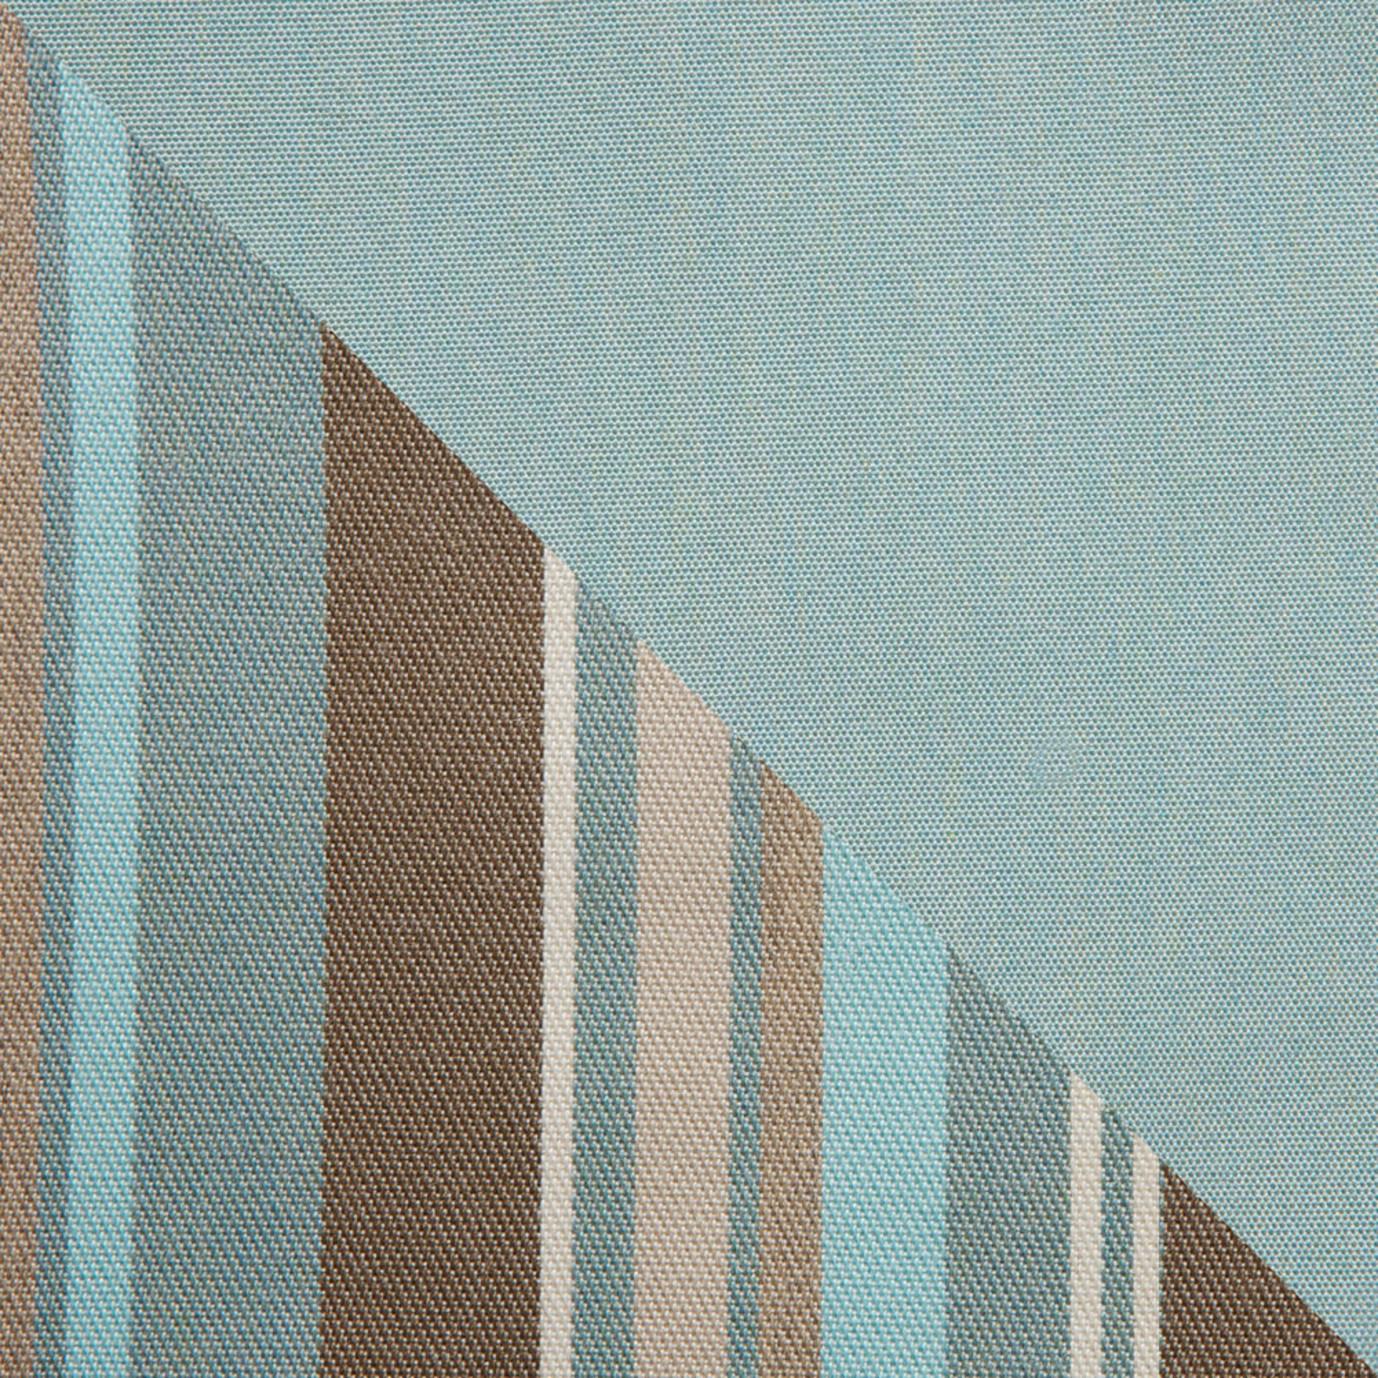 Deco™ 20pc Outdoor Estate Set - Bliss Blue